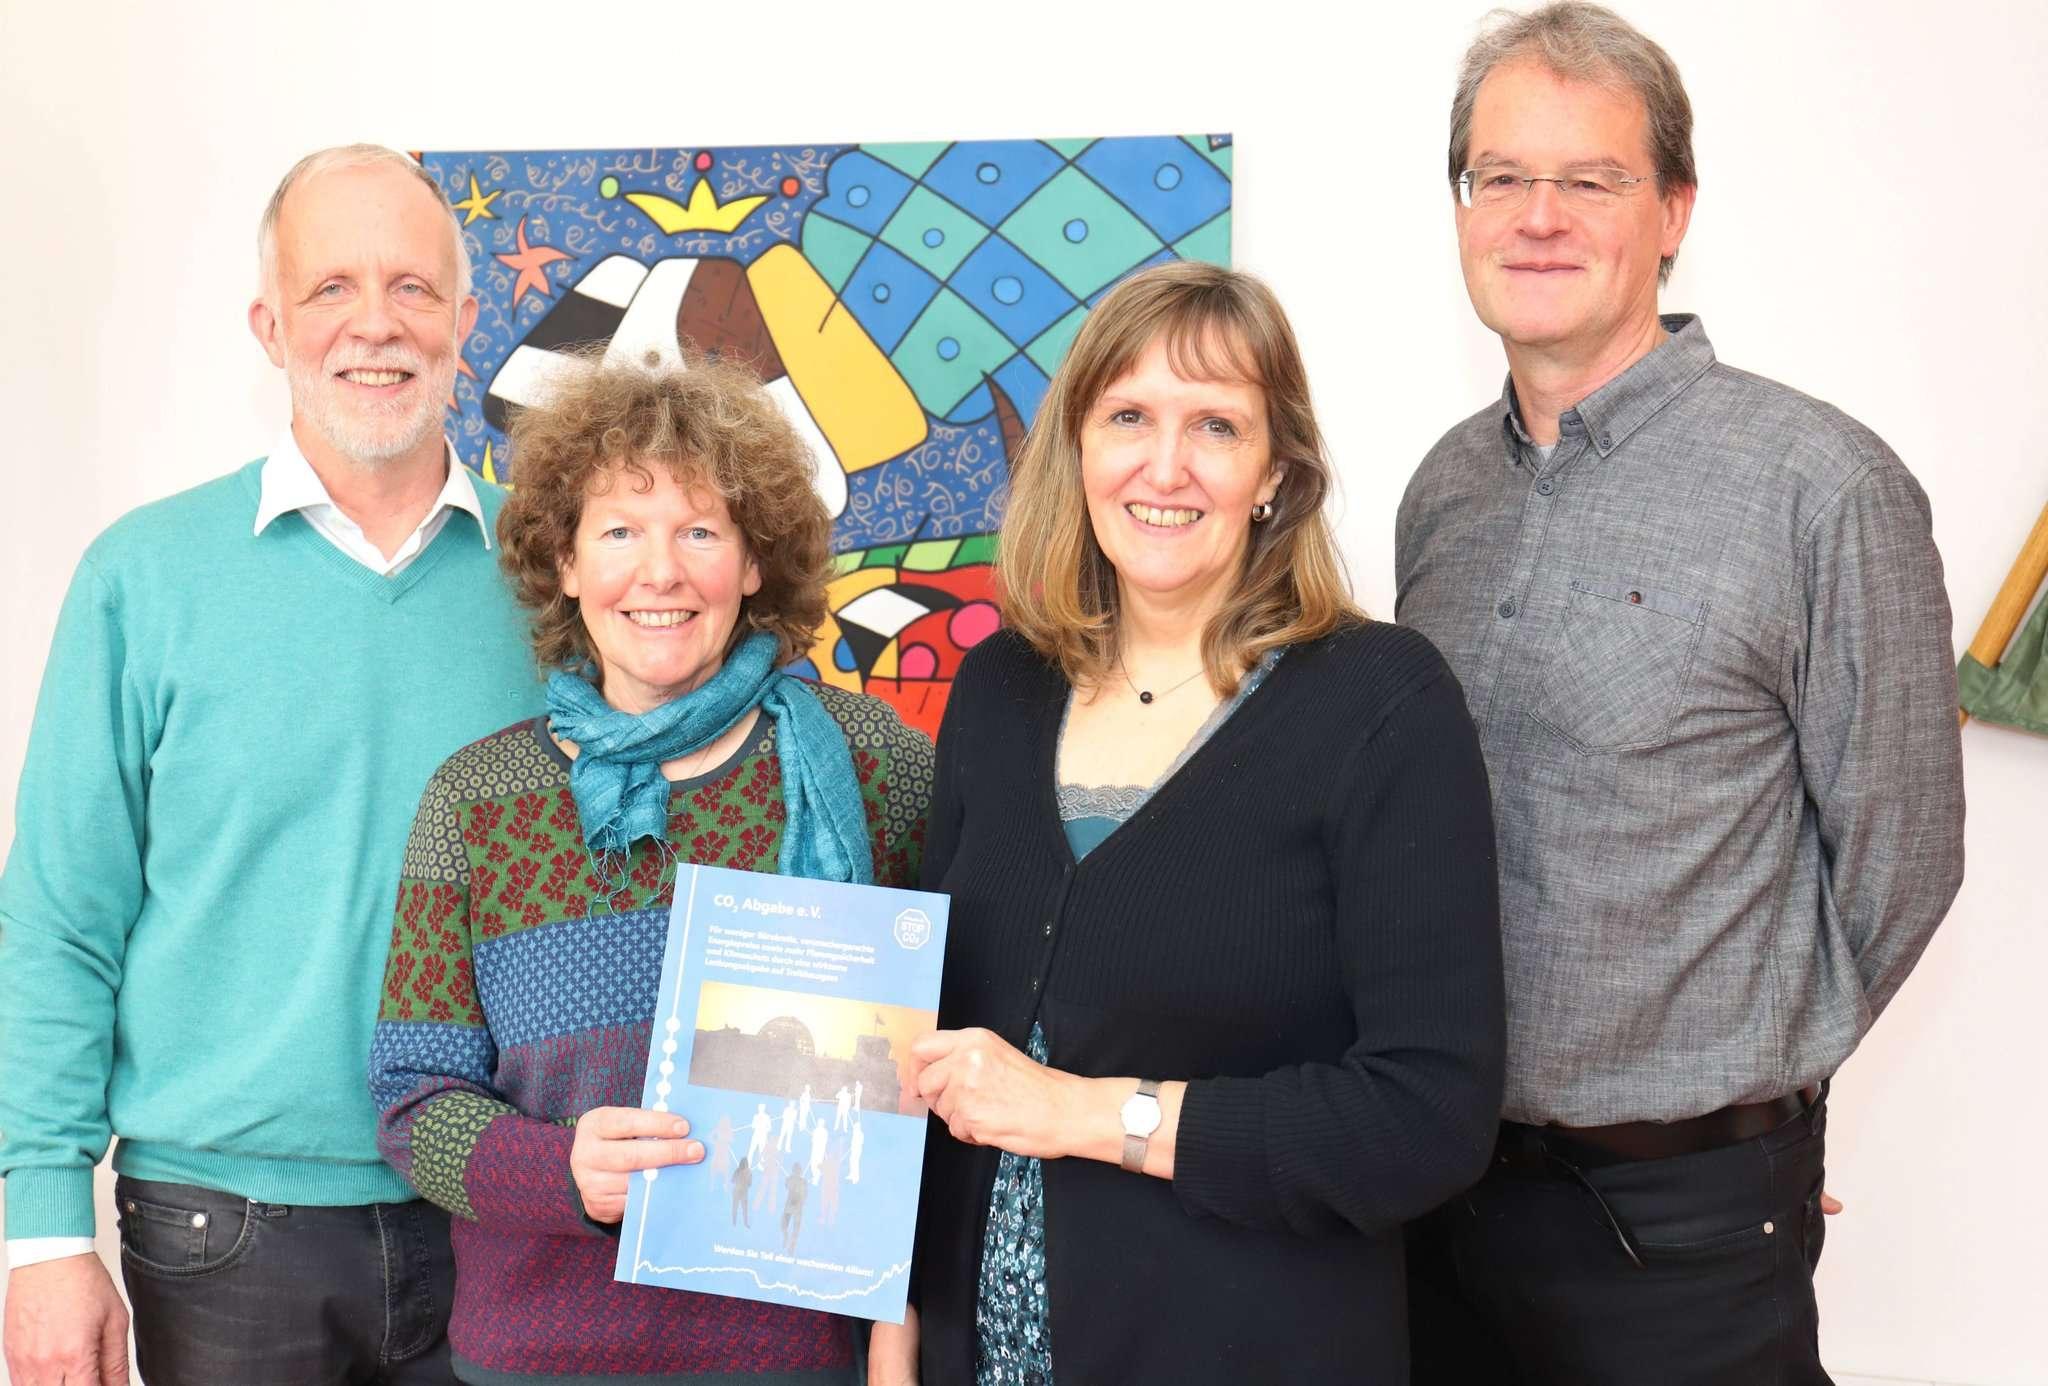 Christoph Dembowski (von links), Elisabeth Dembowski, Andrea Rieß und Ekkehard von Hoyningen-Huene laden für den 22. Januar zu einer Info-Veranstaltung ein.